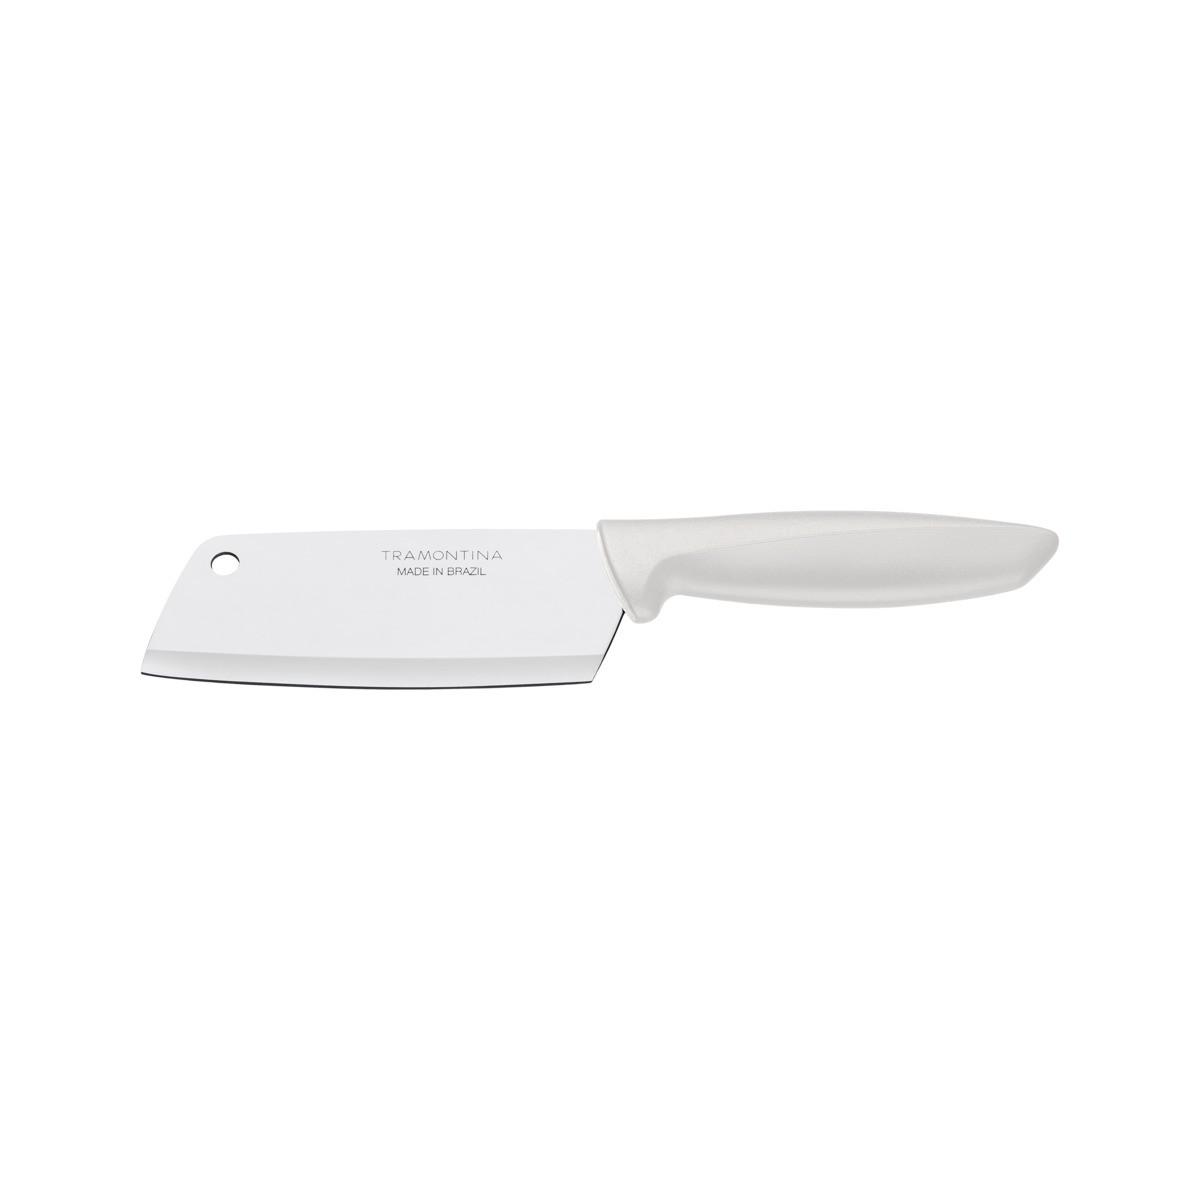 Cutelo Inox 5 Plenus Branco - cód 23430/135 Tramontina